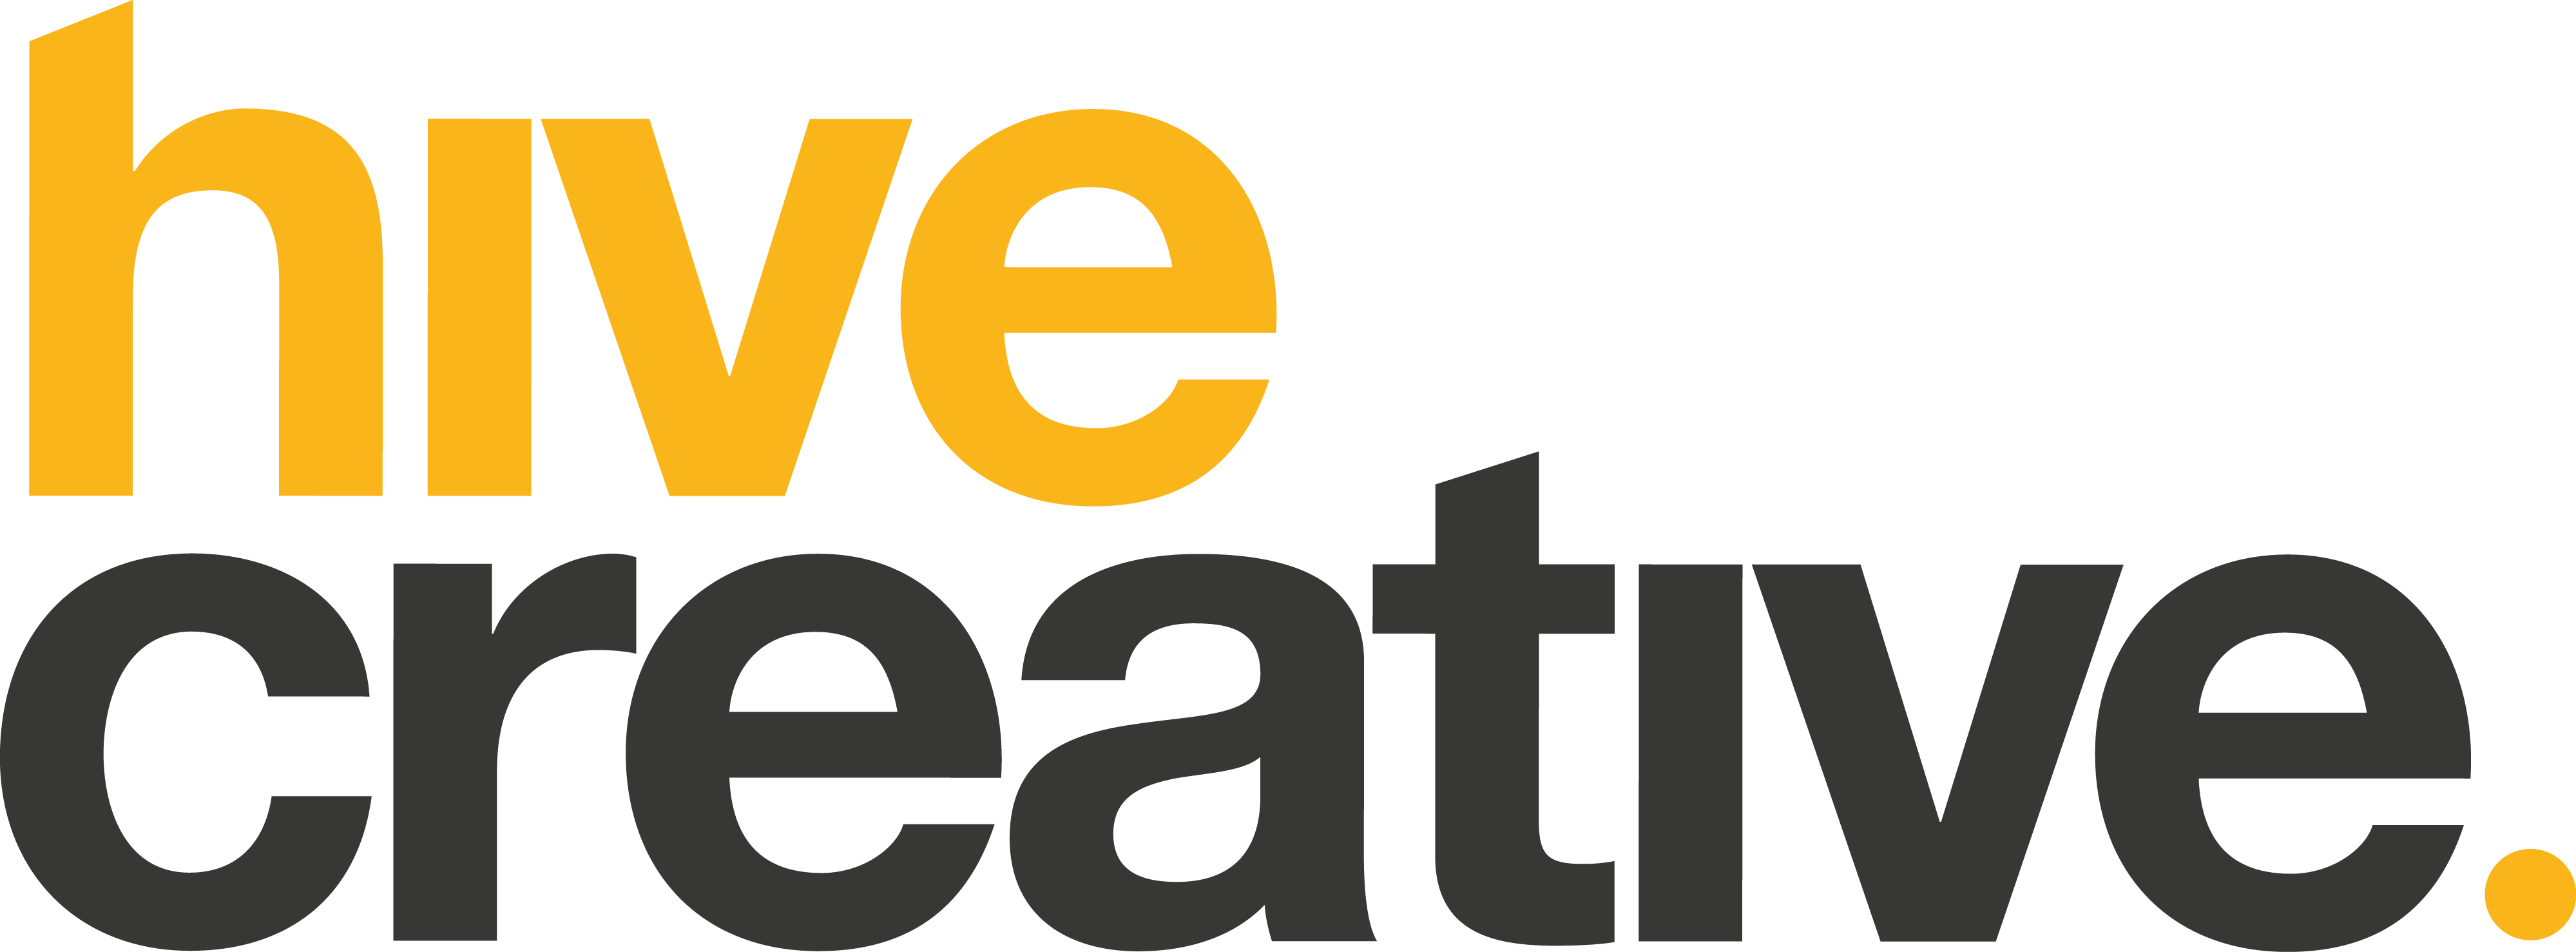 Hive Creative